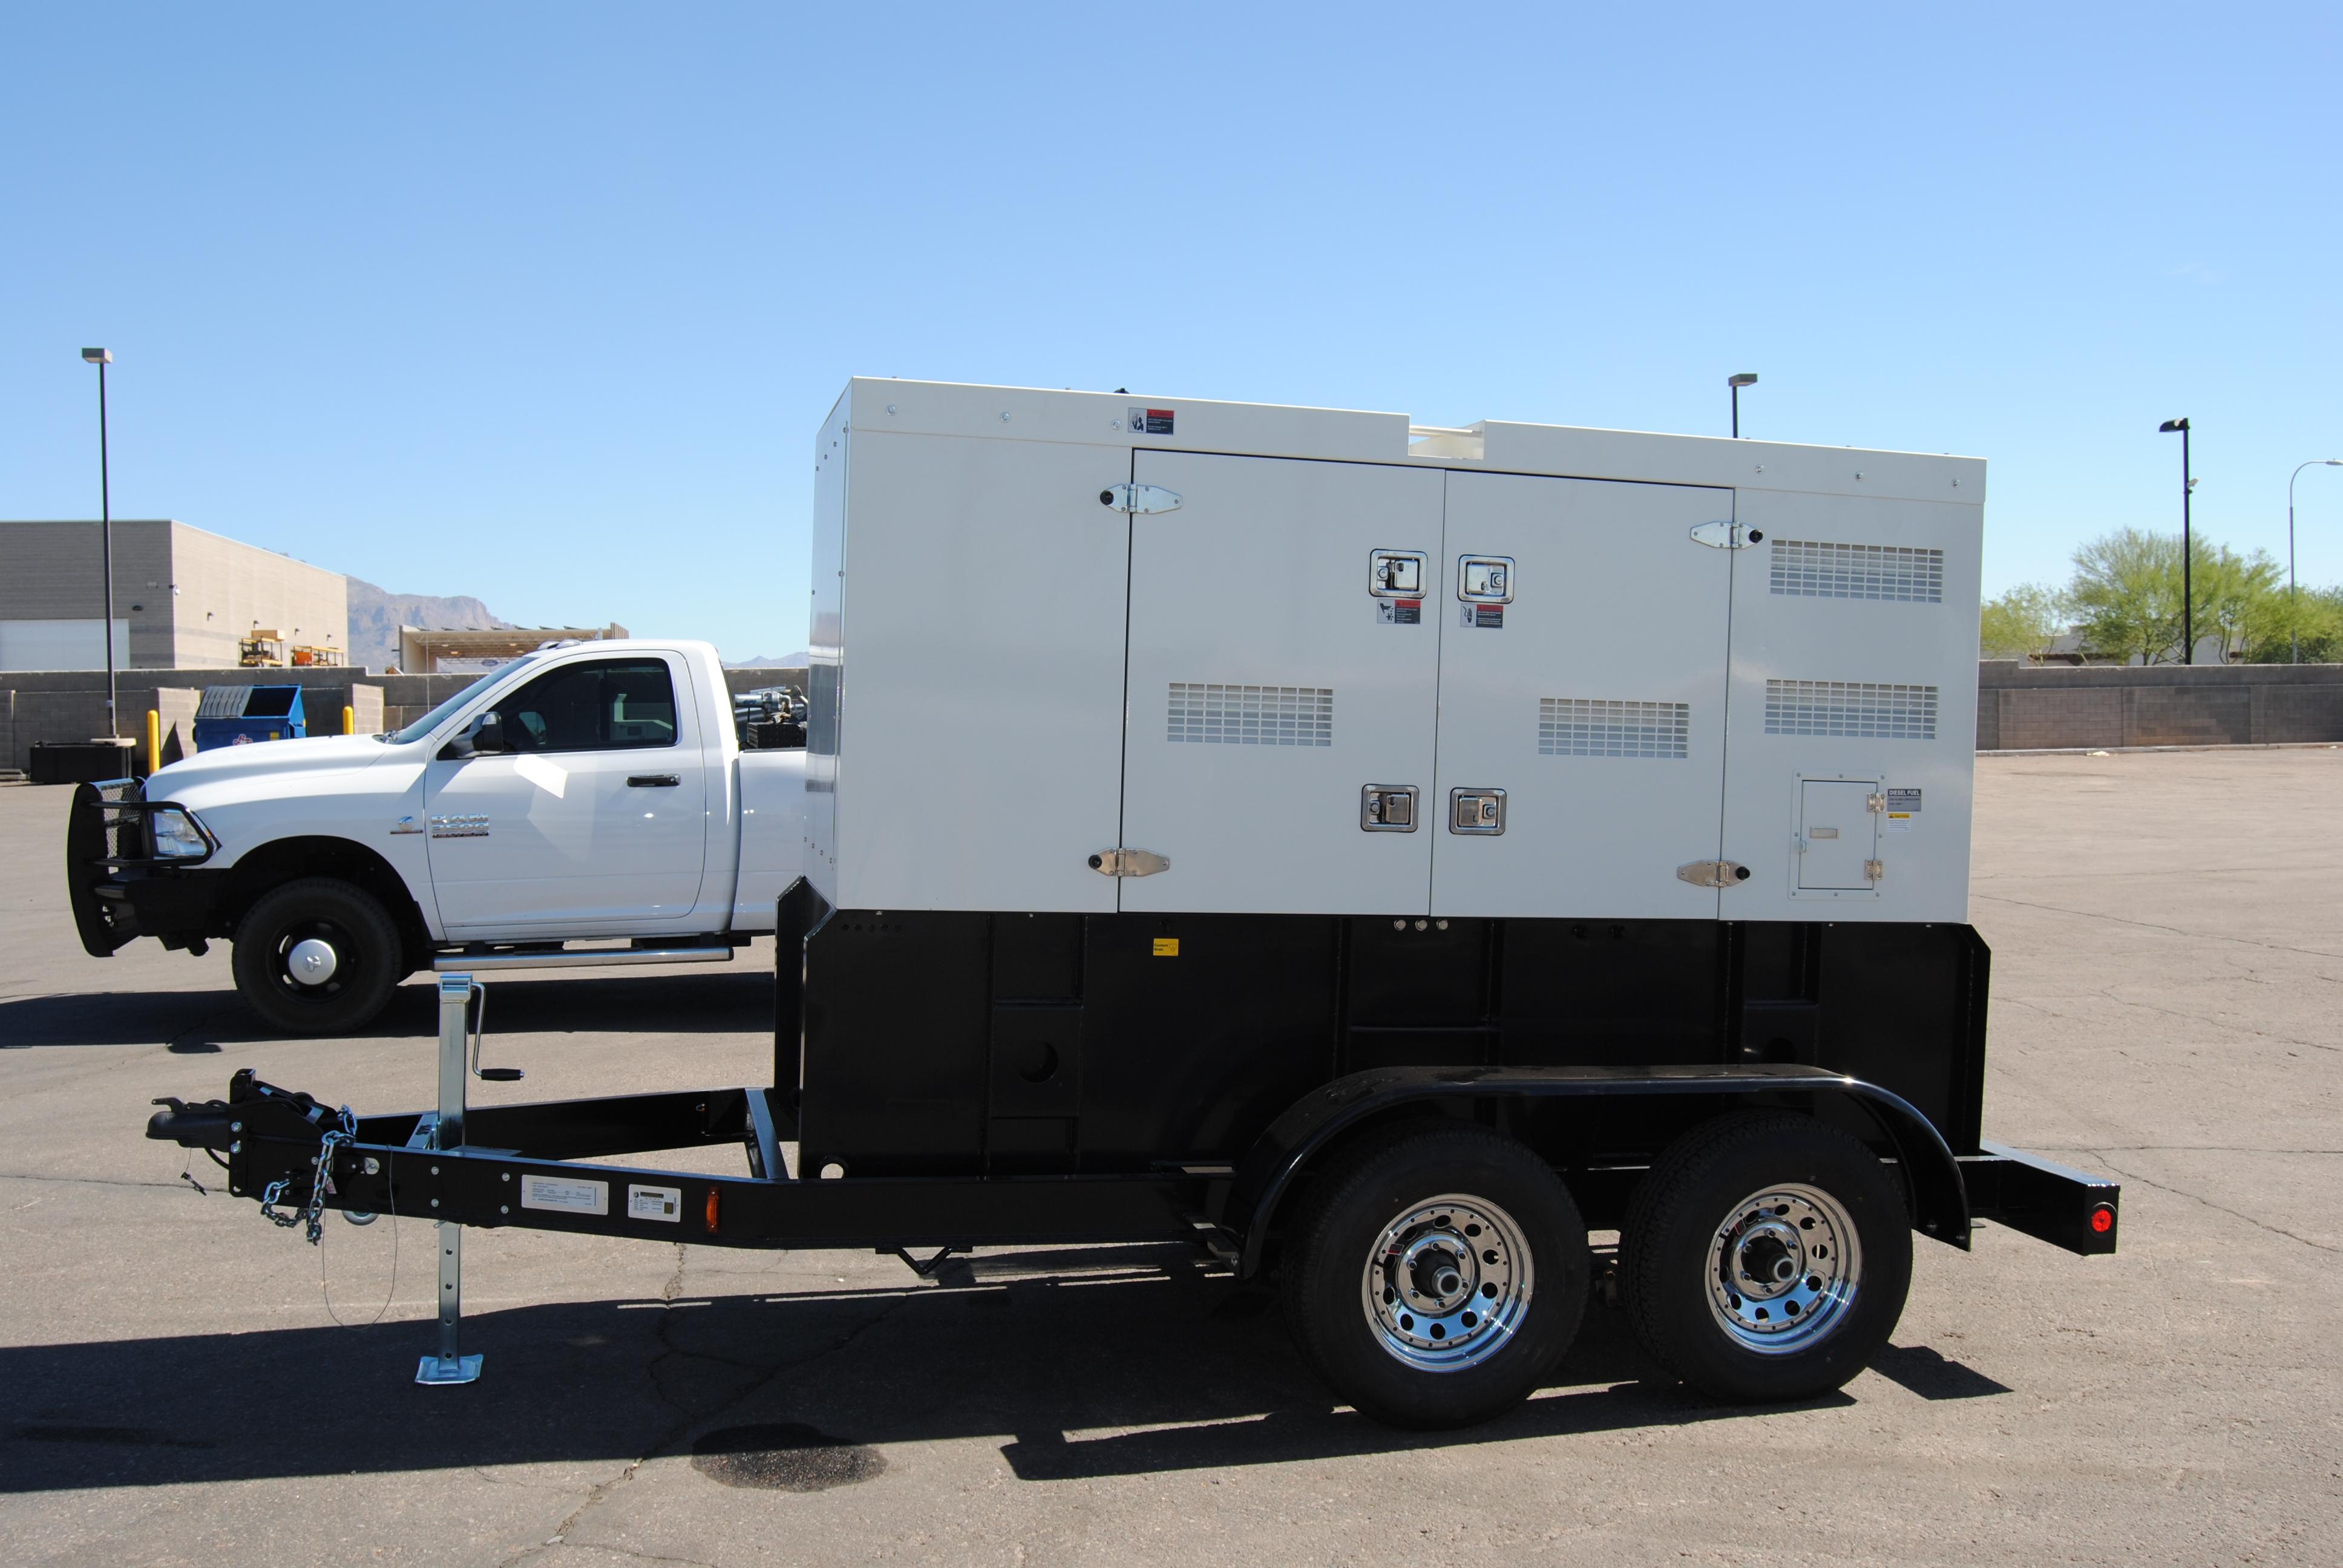 Mobile Rental Grade Generators